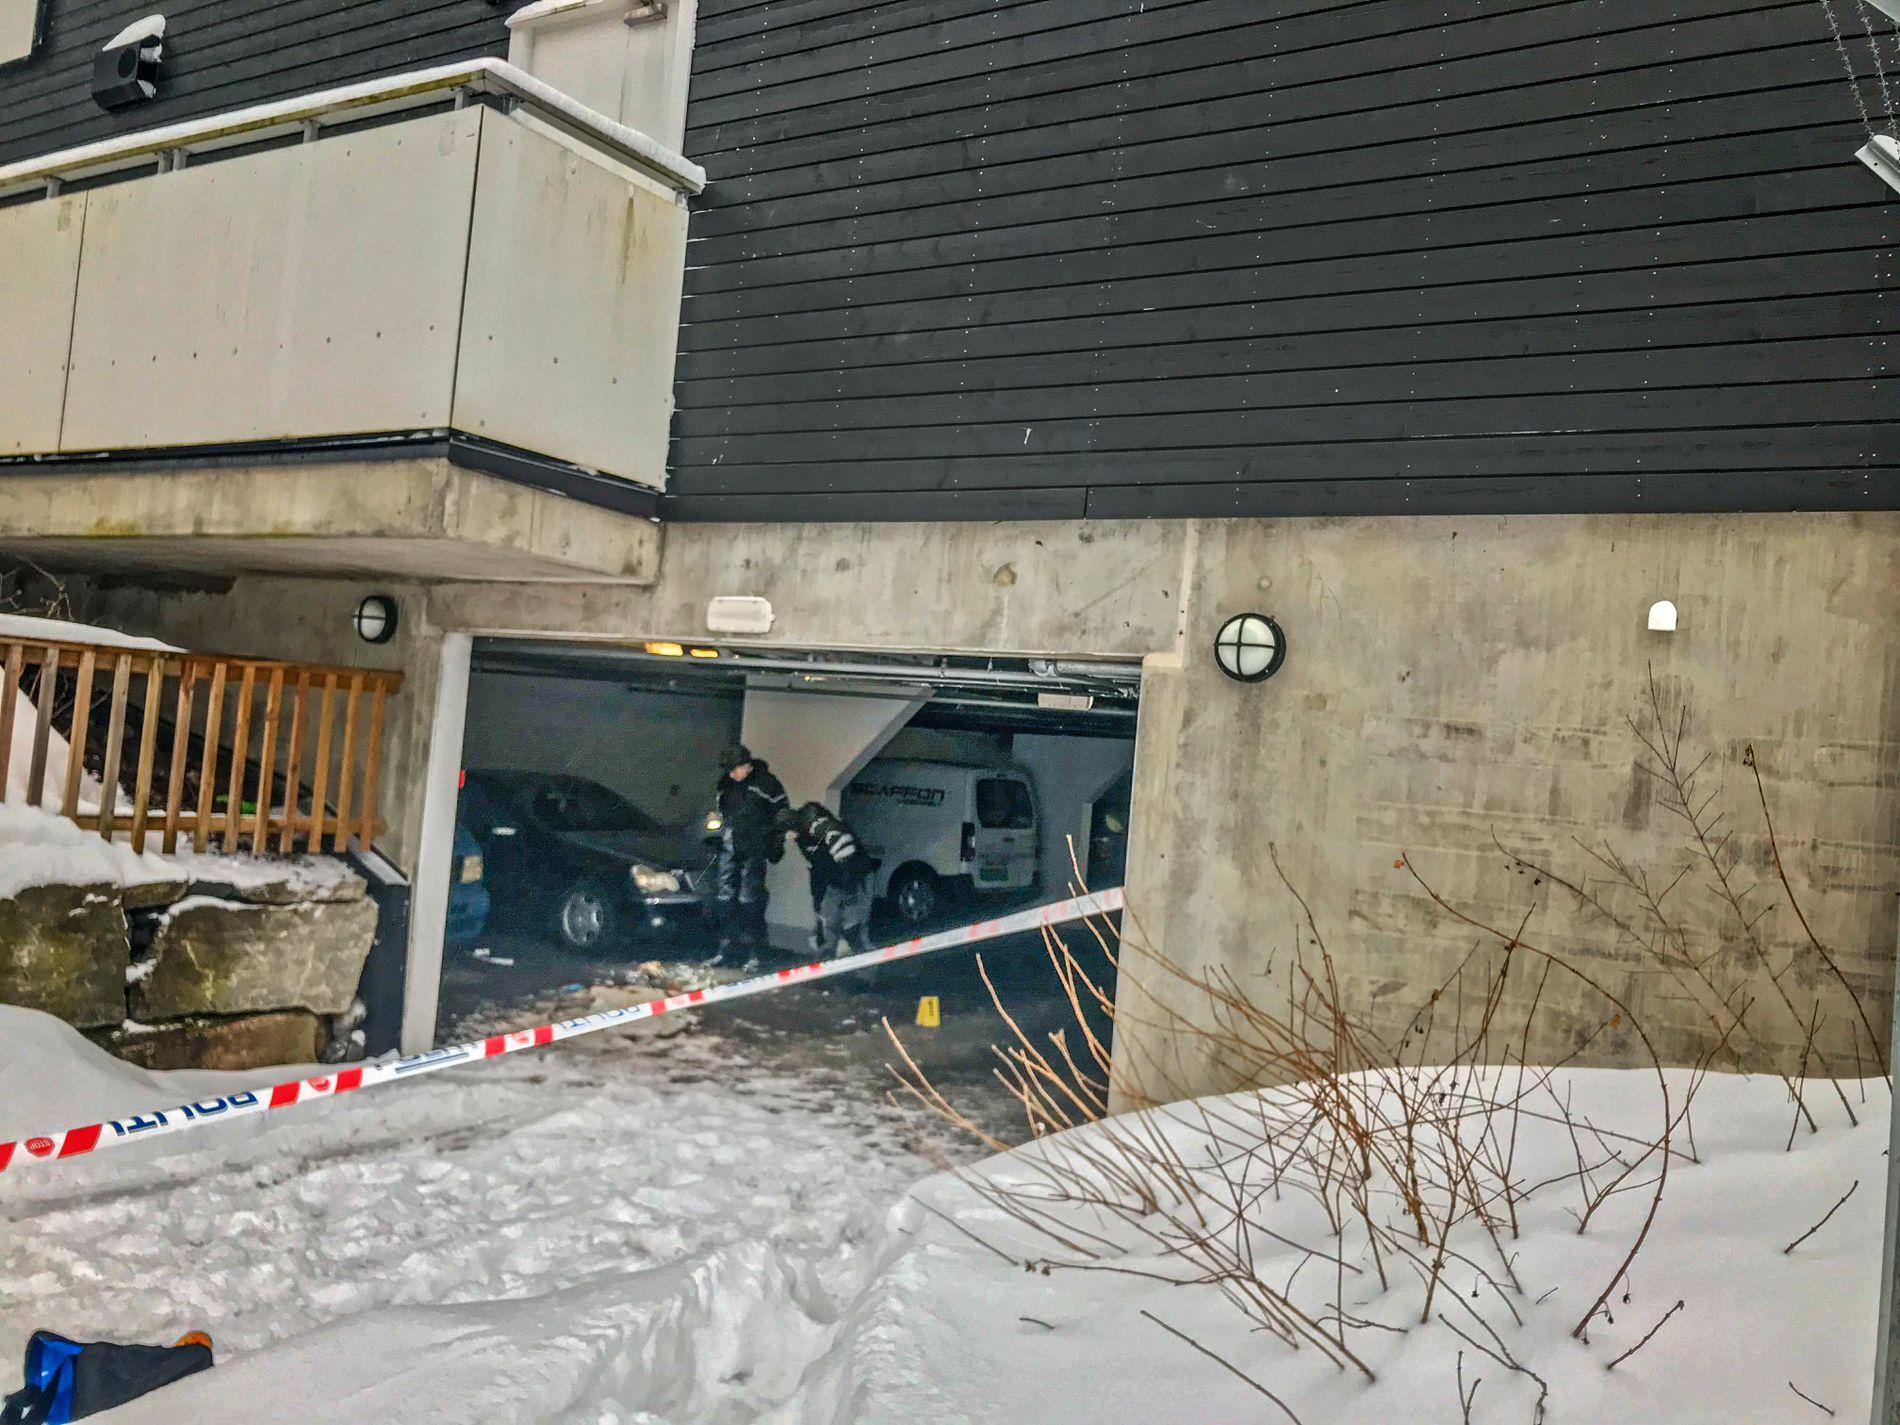 ÅSTED: Politiets teknikere på plass inne i garasjeanlegget.